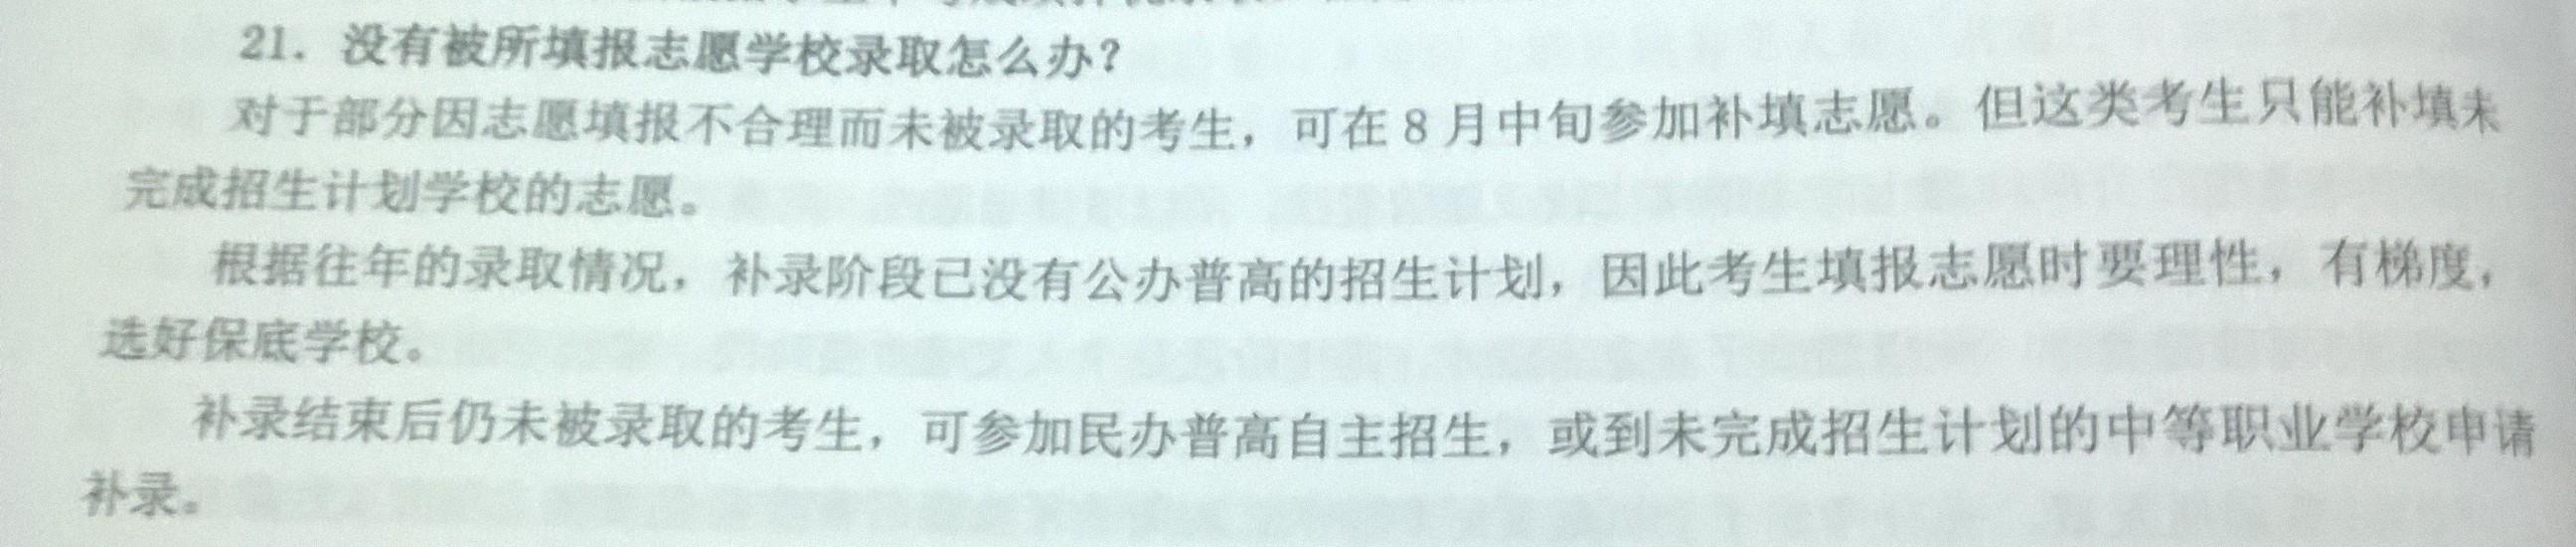 深圳初中考高中分数线